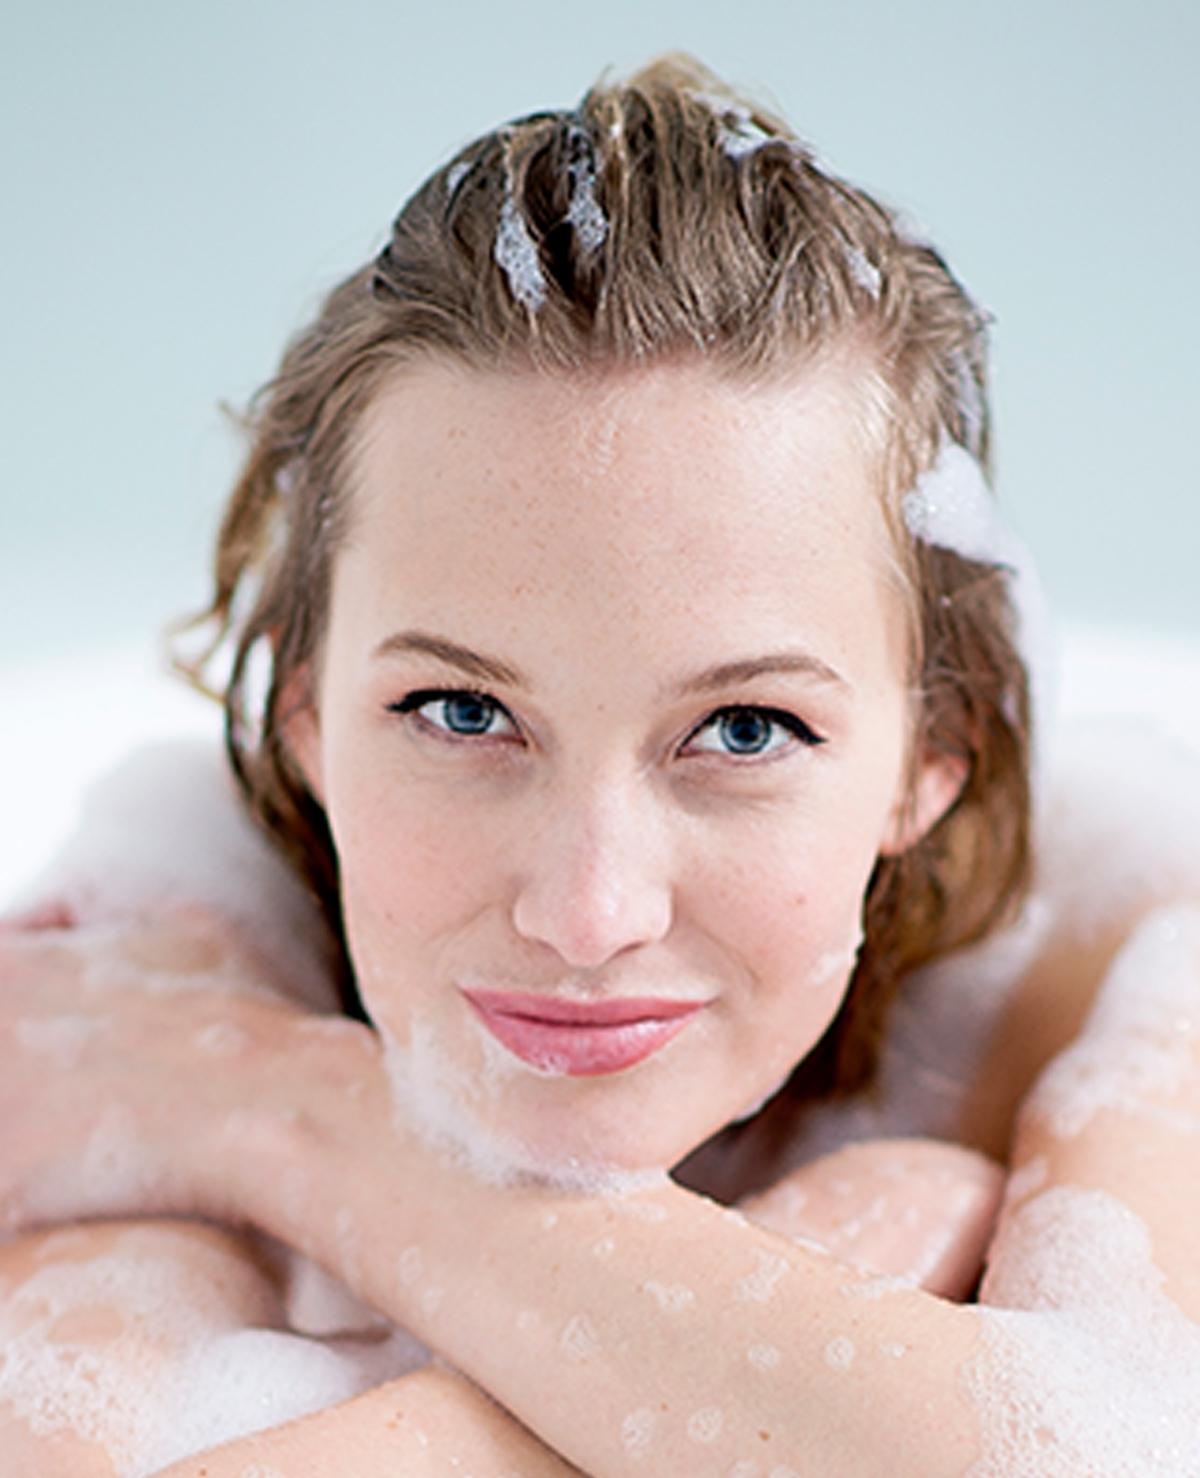 Gebruik jij ook shampoo en conditioner van verschillende merken?